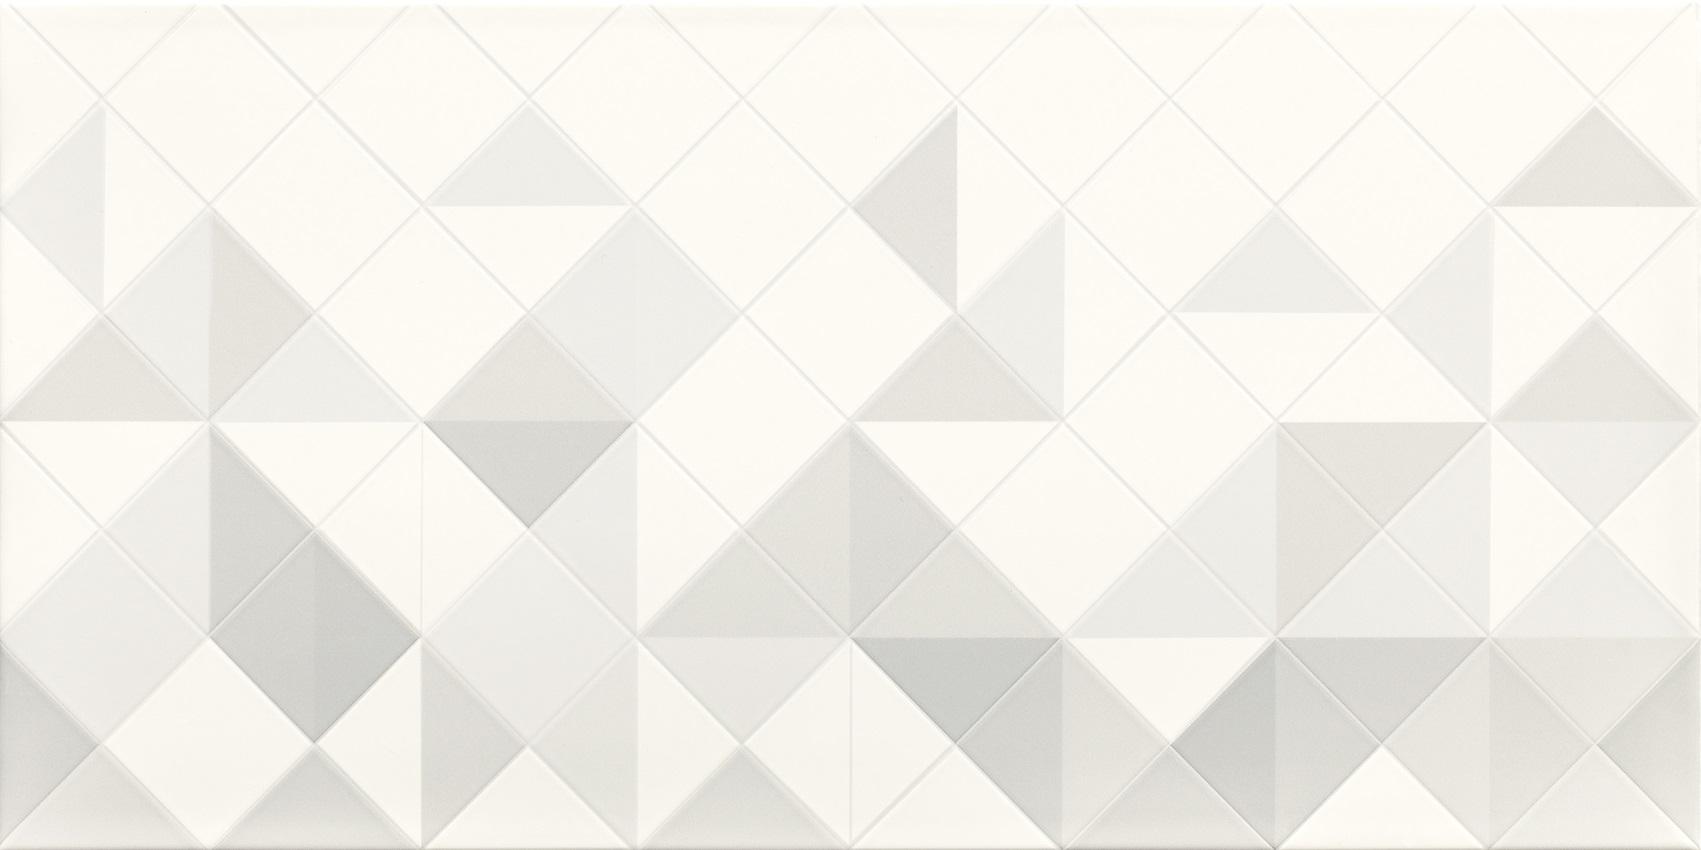 Tonnes motyw A - obkládačka 30x60 šedá